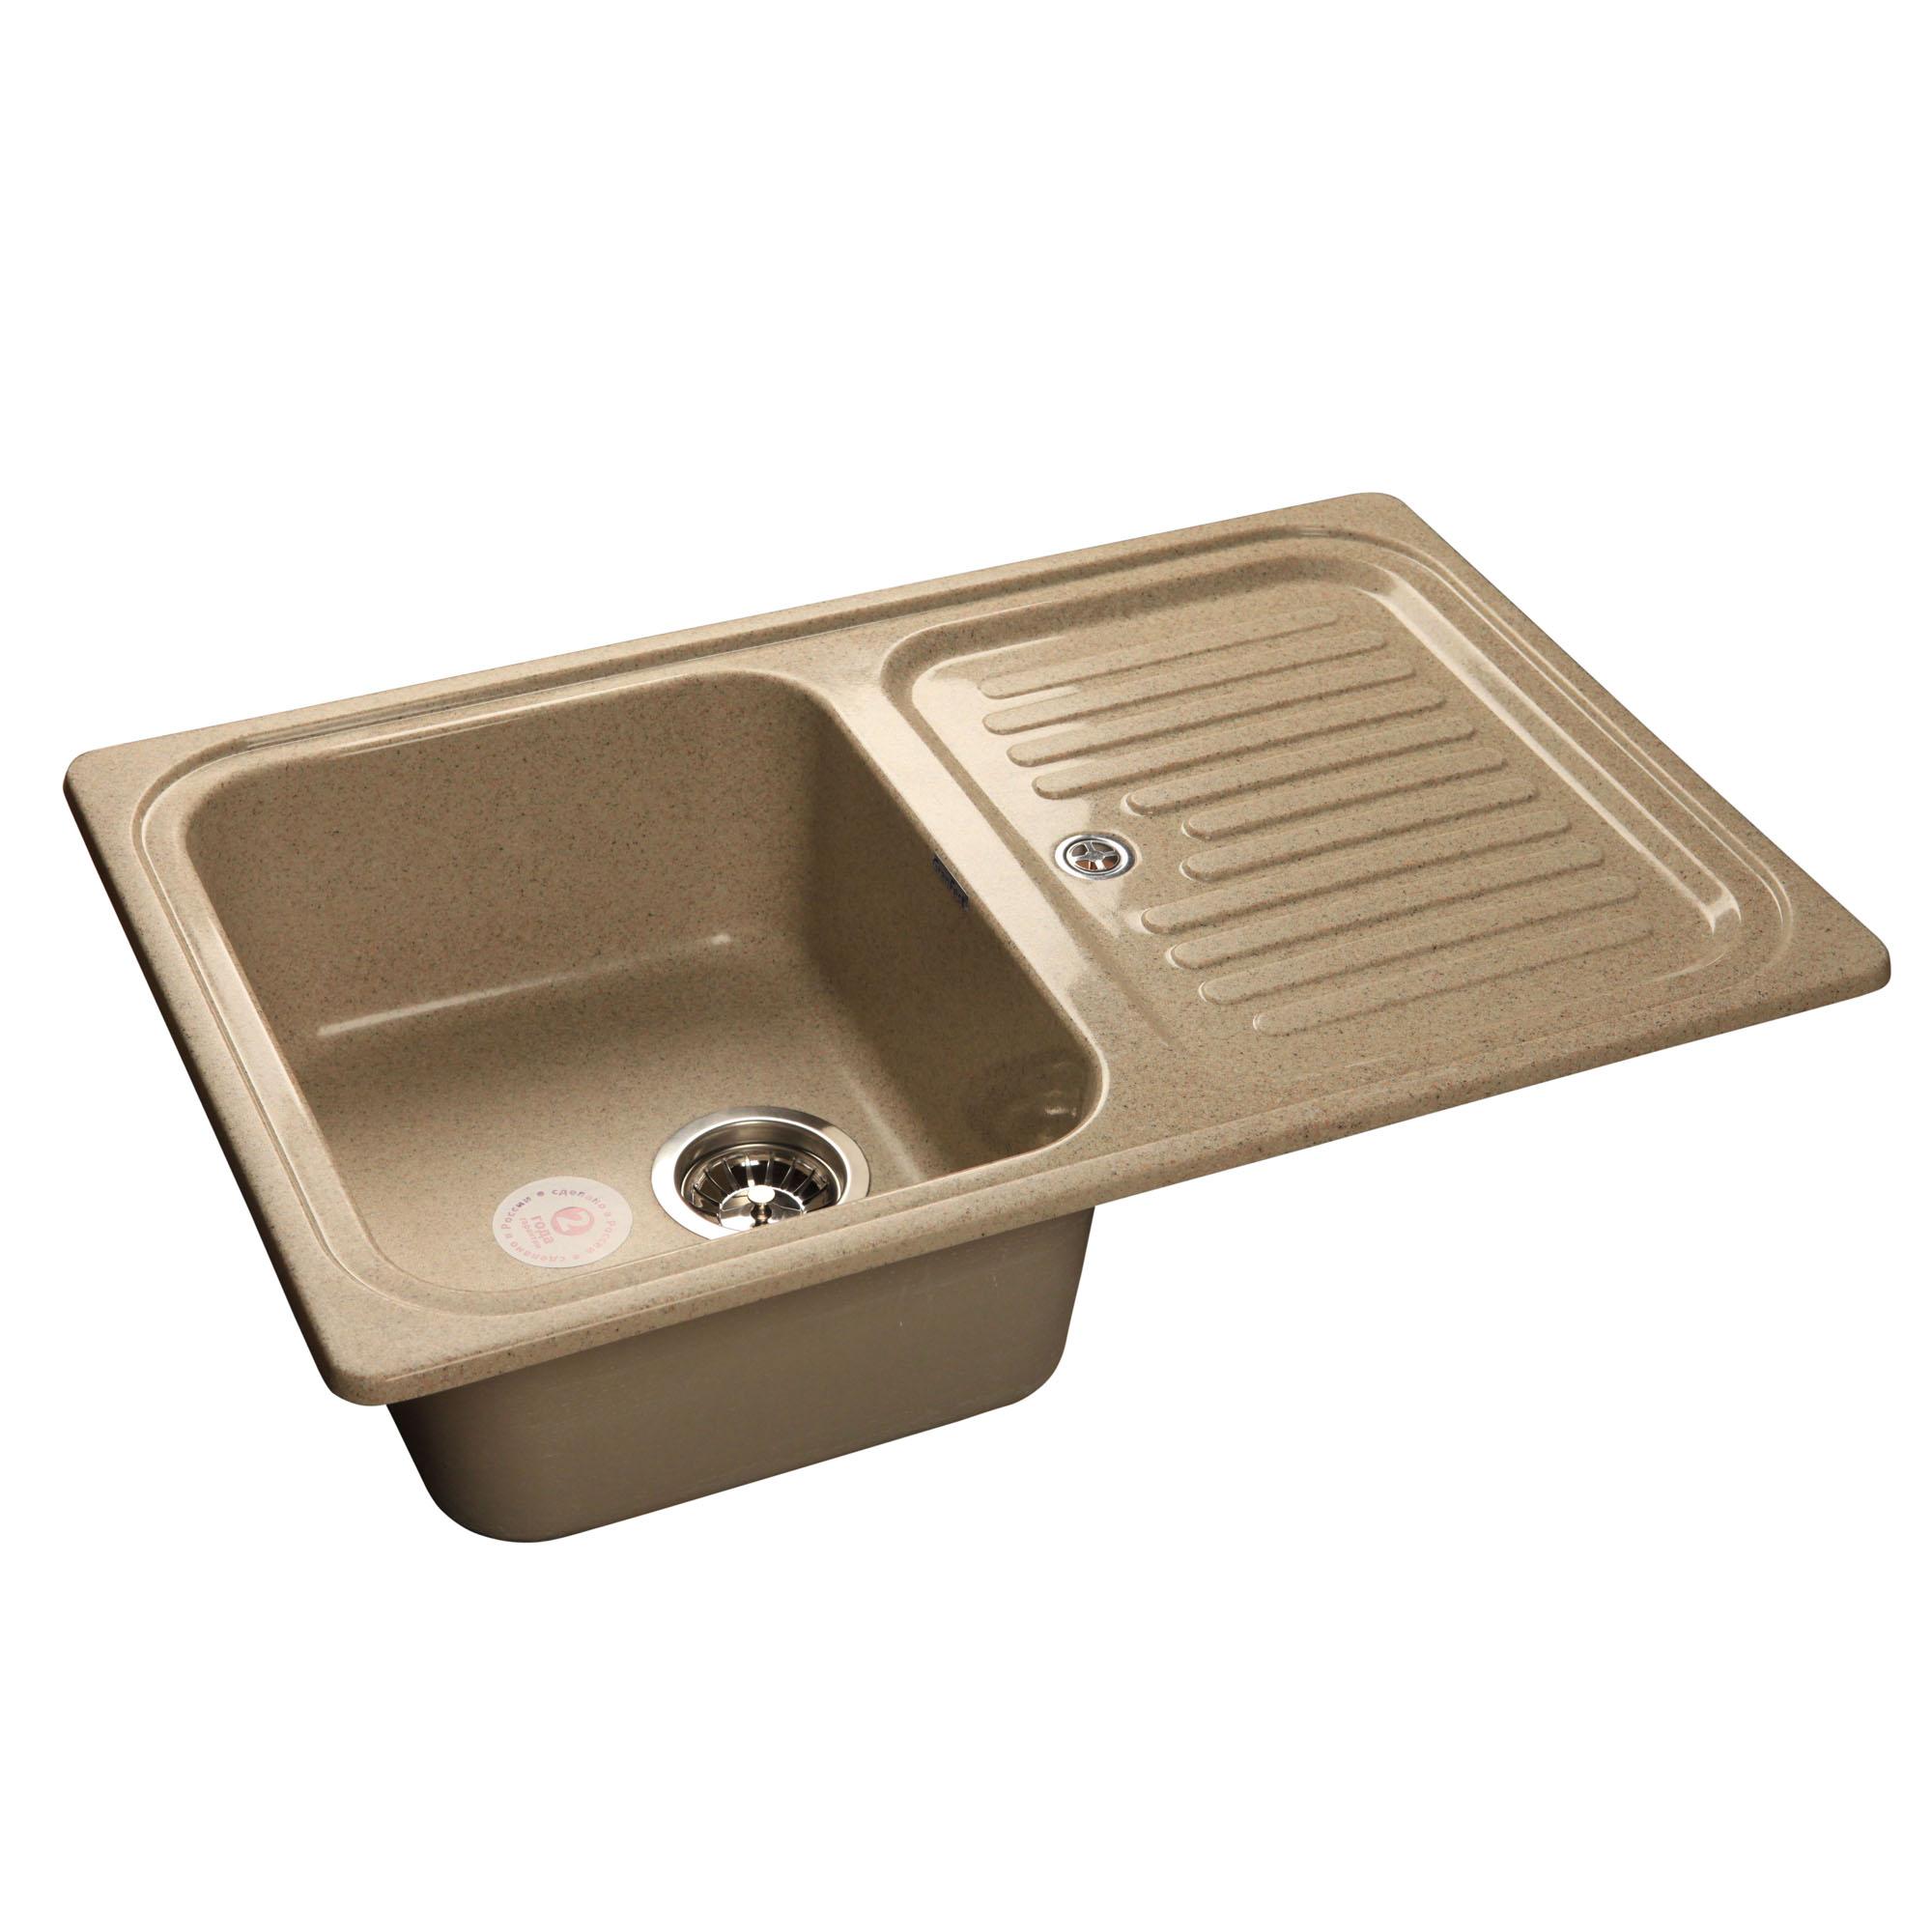 Кухонная мойка GranFest Standart GF-S780L песочный мойка кухонная granfest gf s780l песок чаша крыло